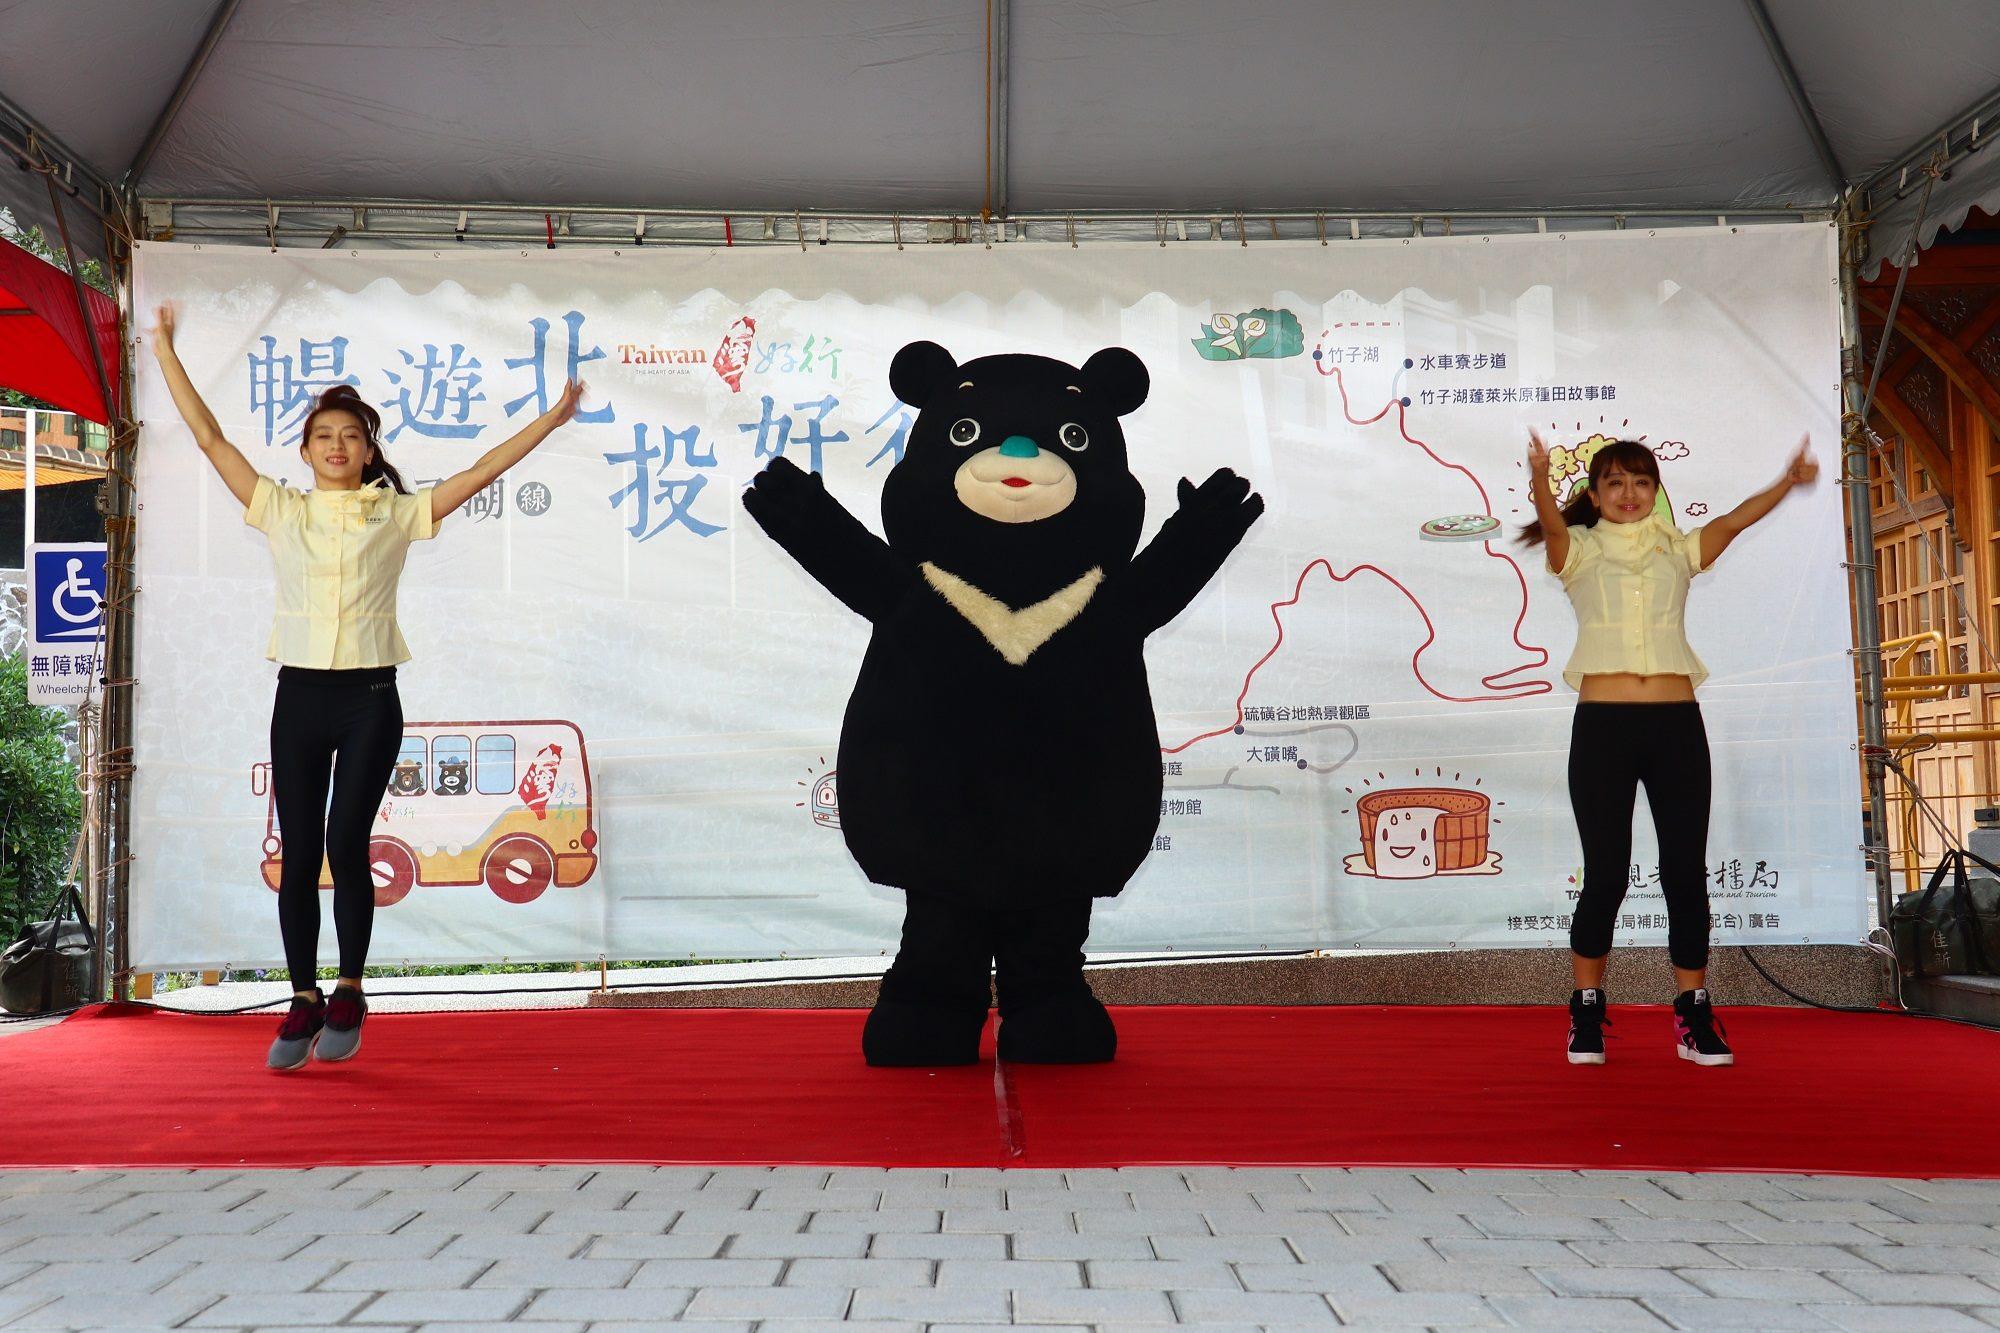 熊讚與旅服員一起歡唱,一同迎接「北投-竹子湖線暢-遊北投好行旅」活動